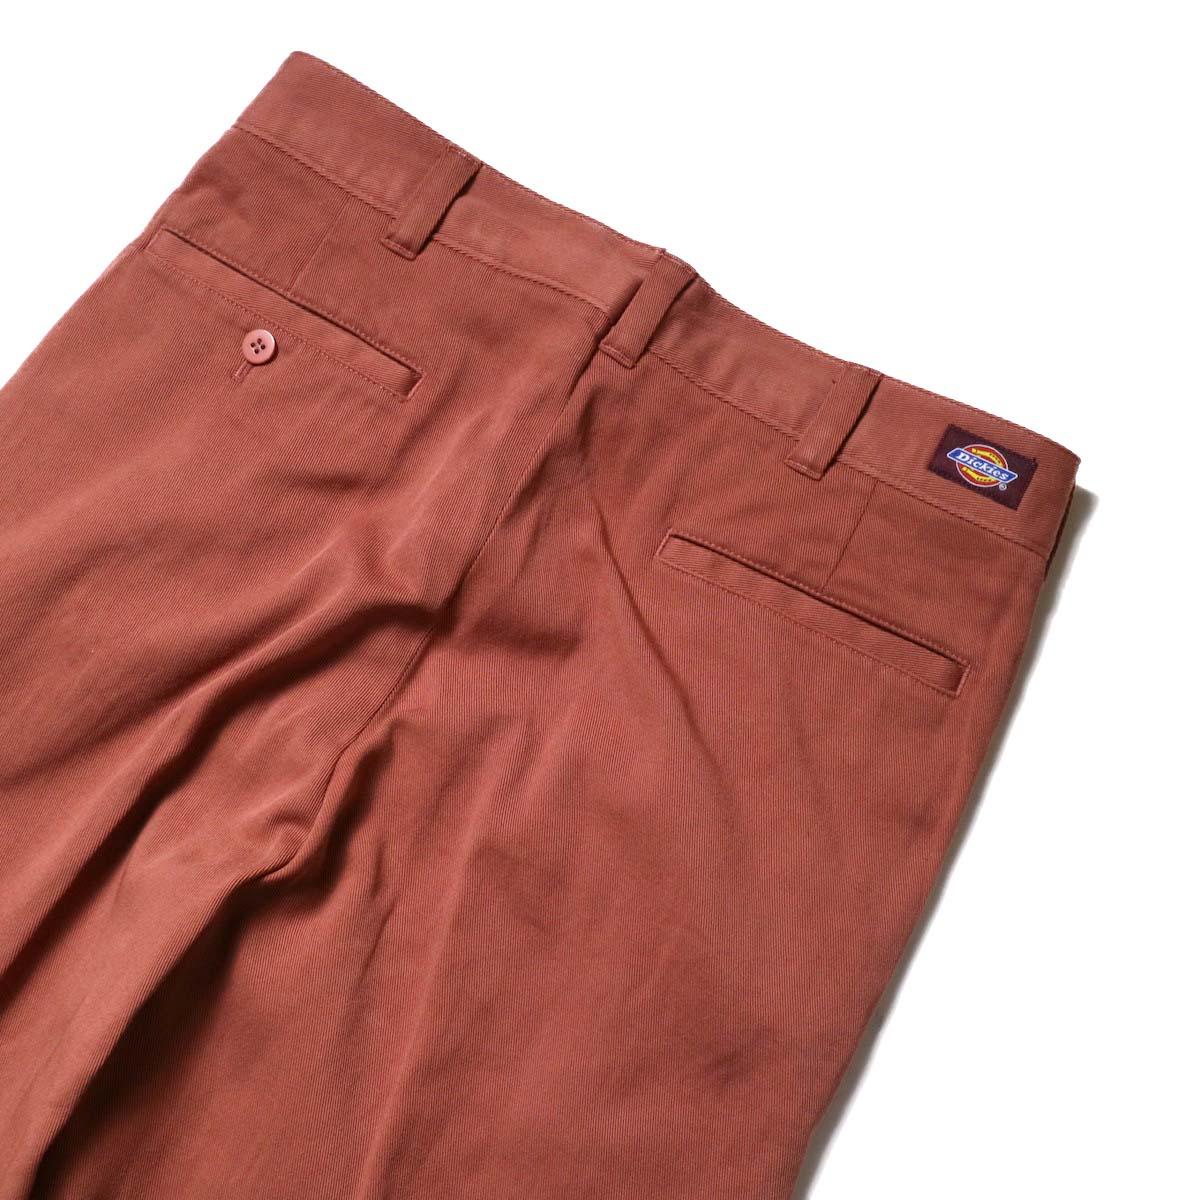 UNUSED × Dickies / UW0939 Cotton Linen Trousers (Orange)   ヒップポケット